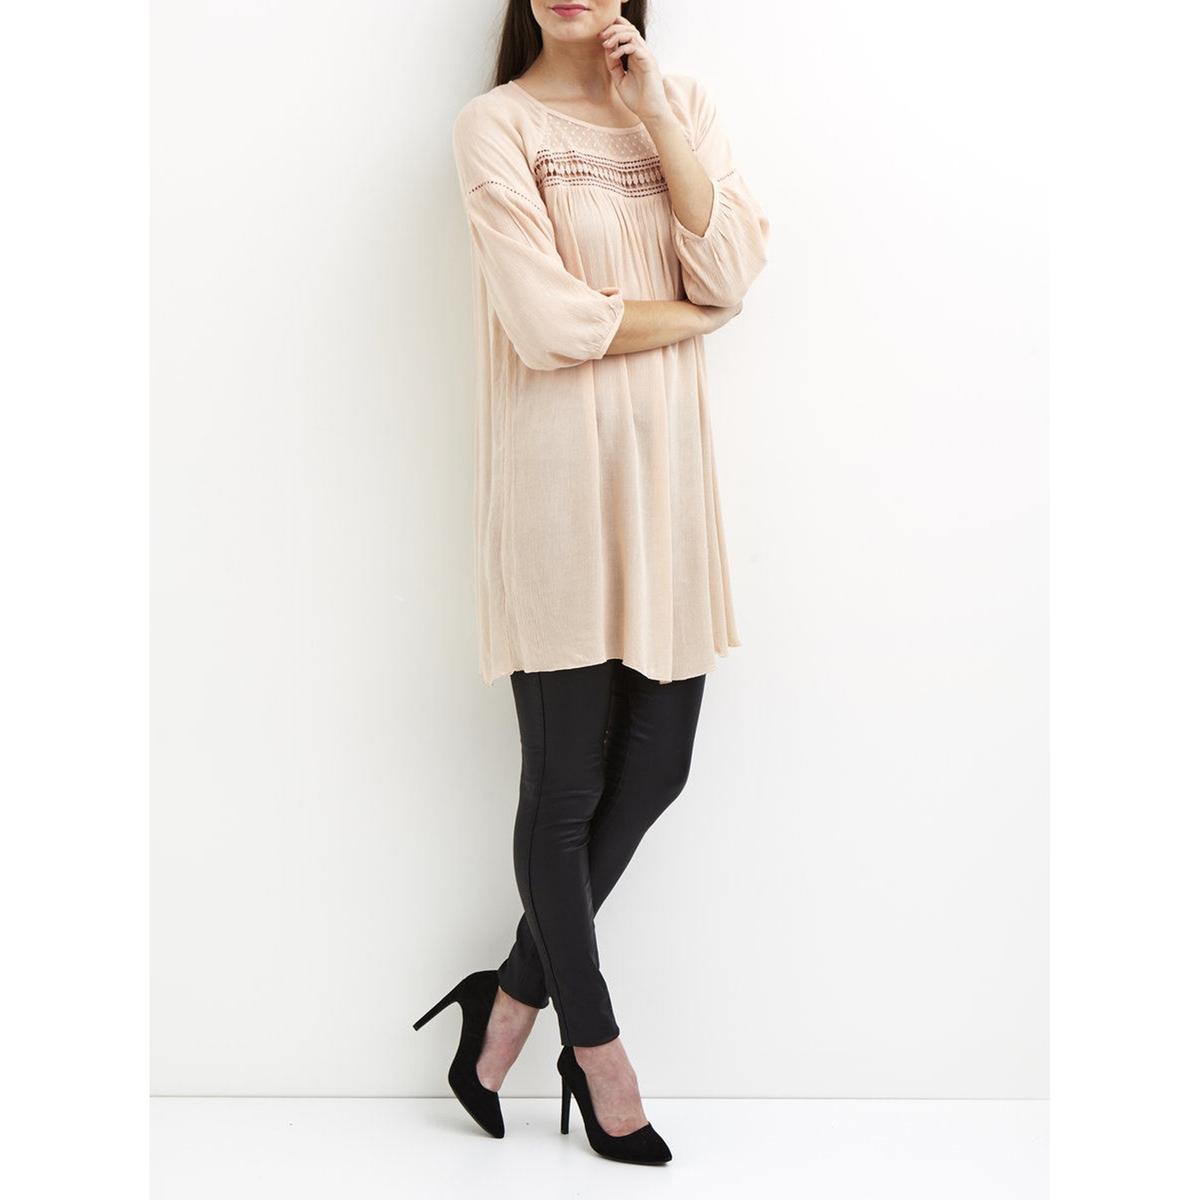 Платье с рукавами 3/4, из вуали, с вышивкой гладью, VILA VIGURLA TUNICСостав и описание :Материал : 100% вискозыМарка : VILA<br><br>Цвет: розовый<br>Размер: XS